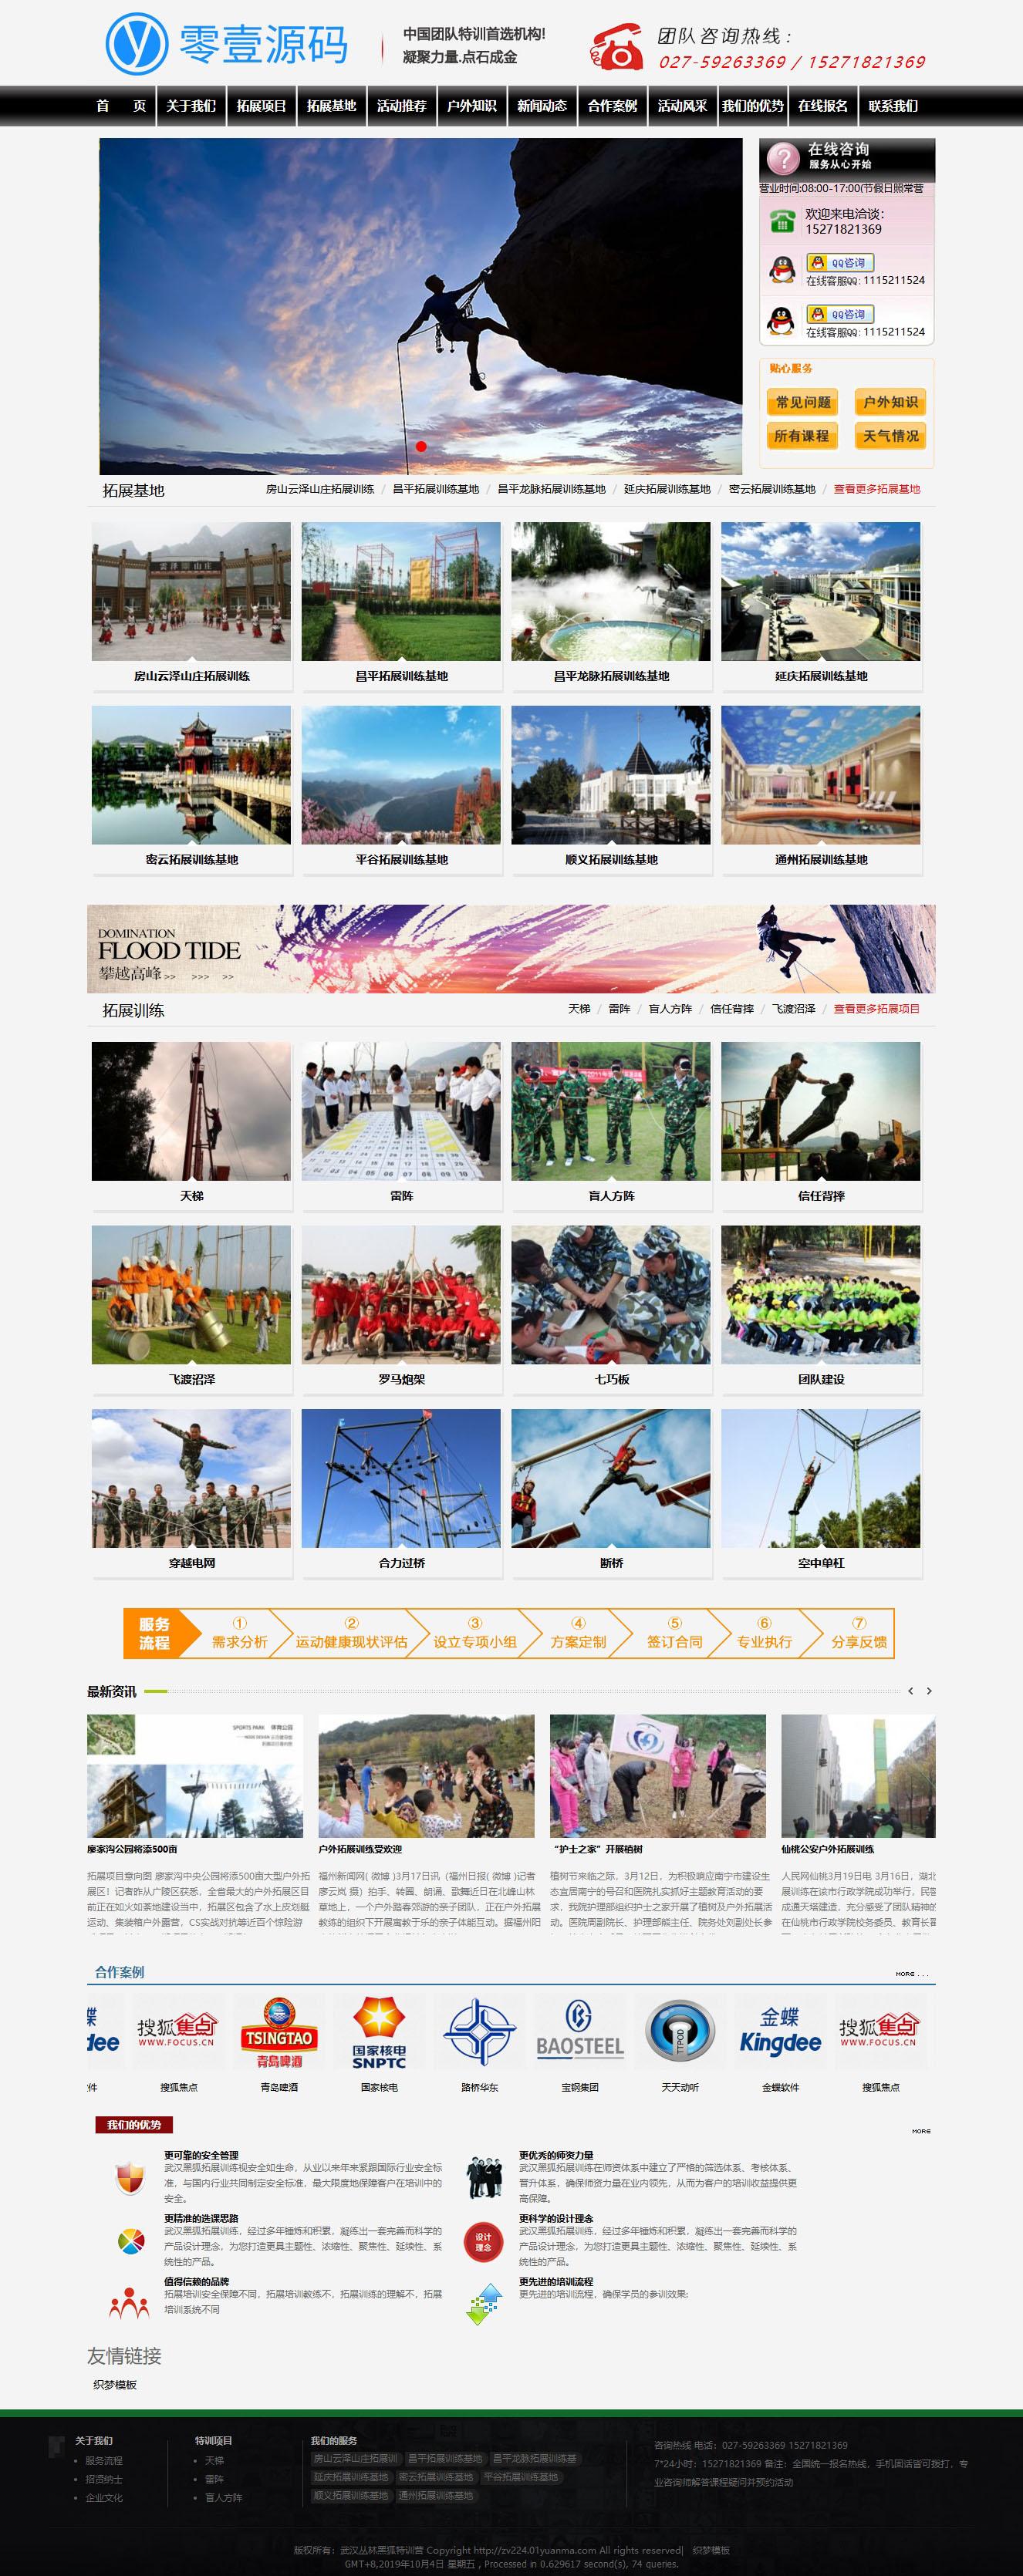 户外拓展活动类网站织梦dedecms模板